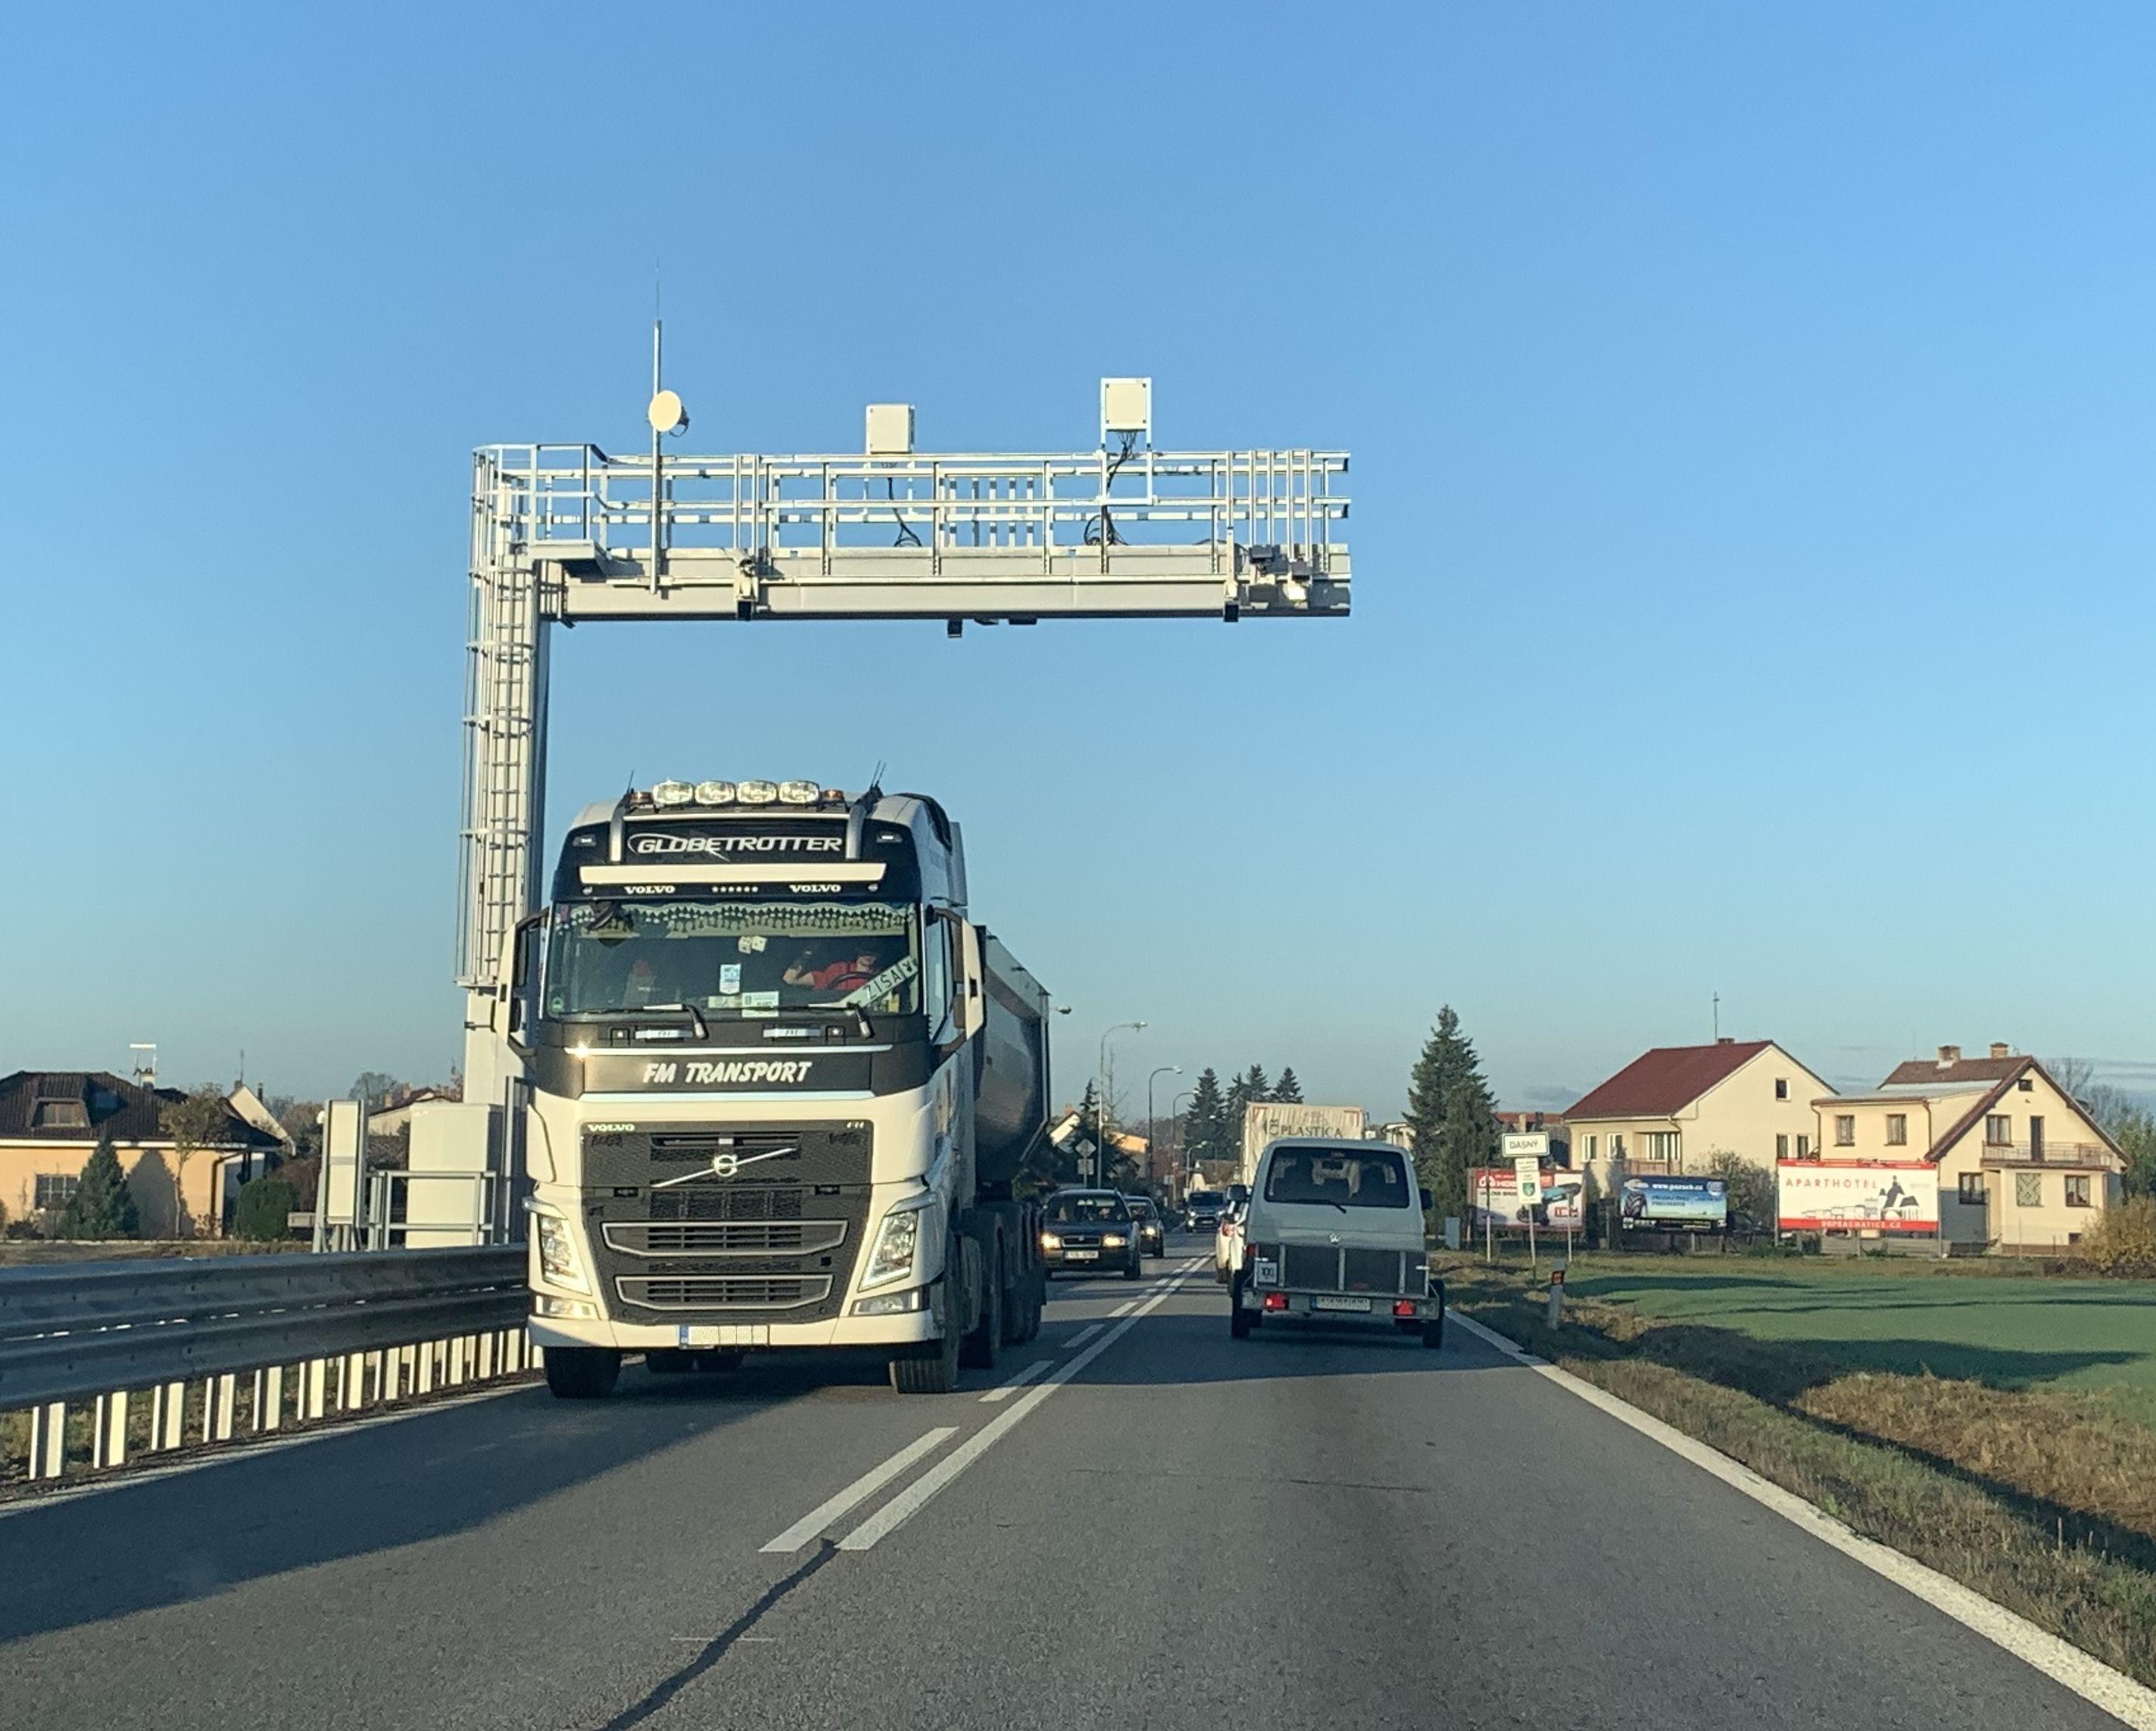 Nová kontrolní mýtná brána v Dasným u Českých Budějovic. Pramen: CzechToll